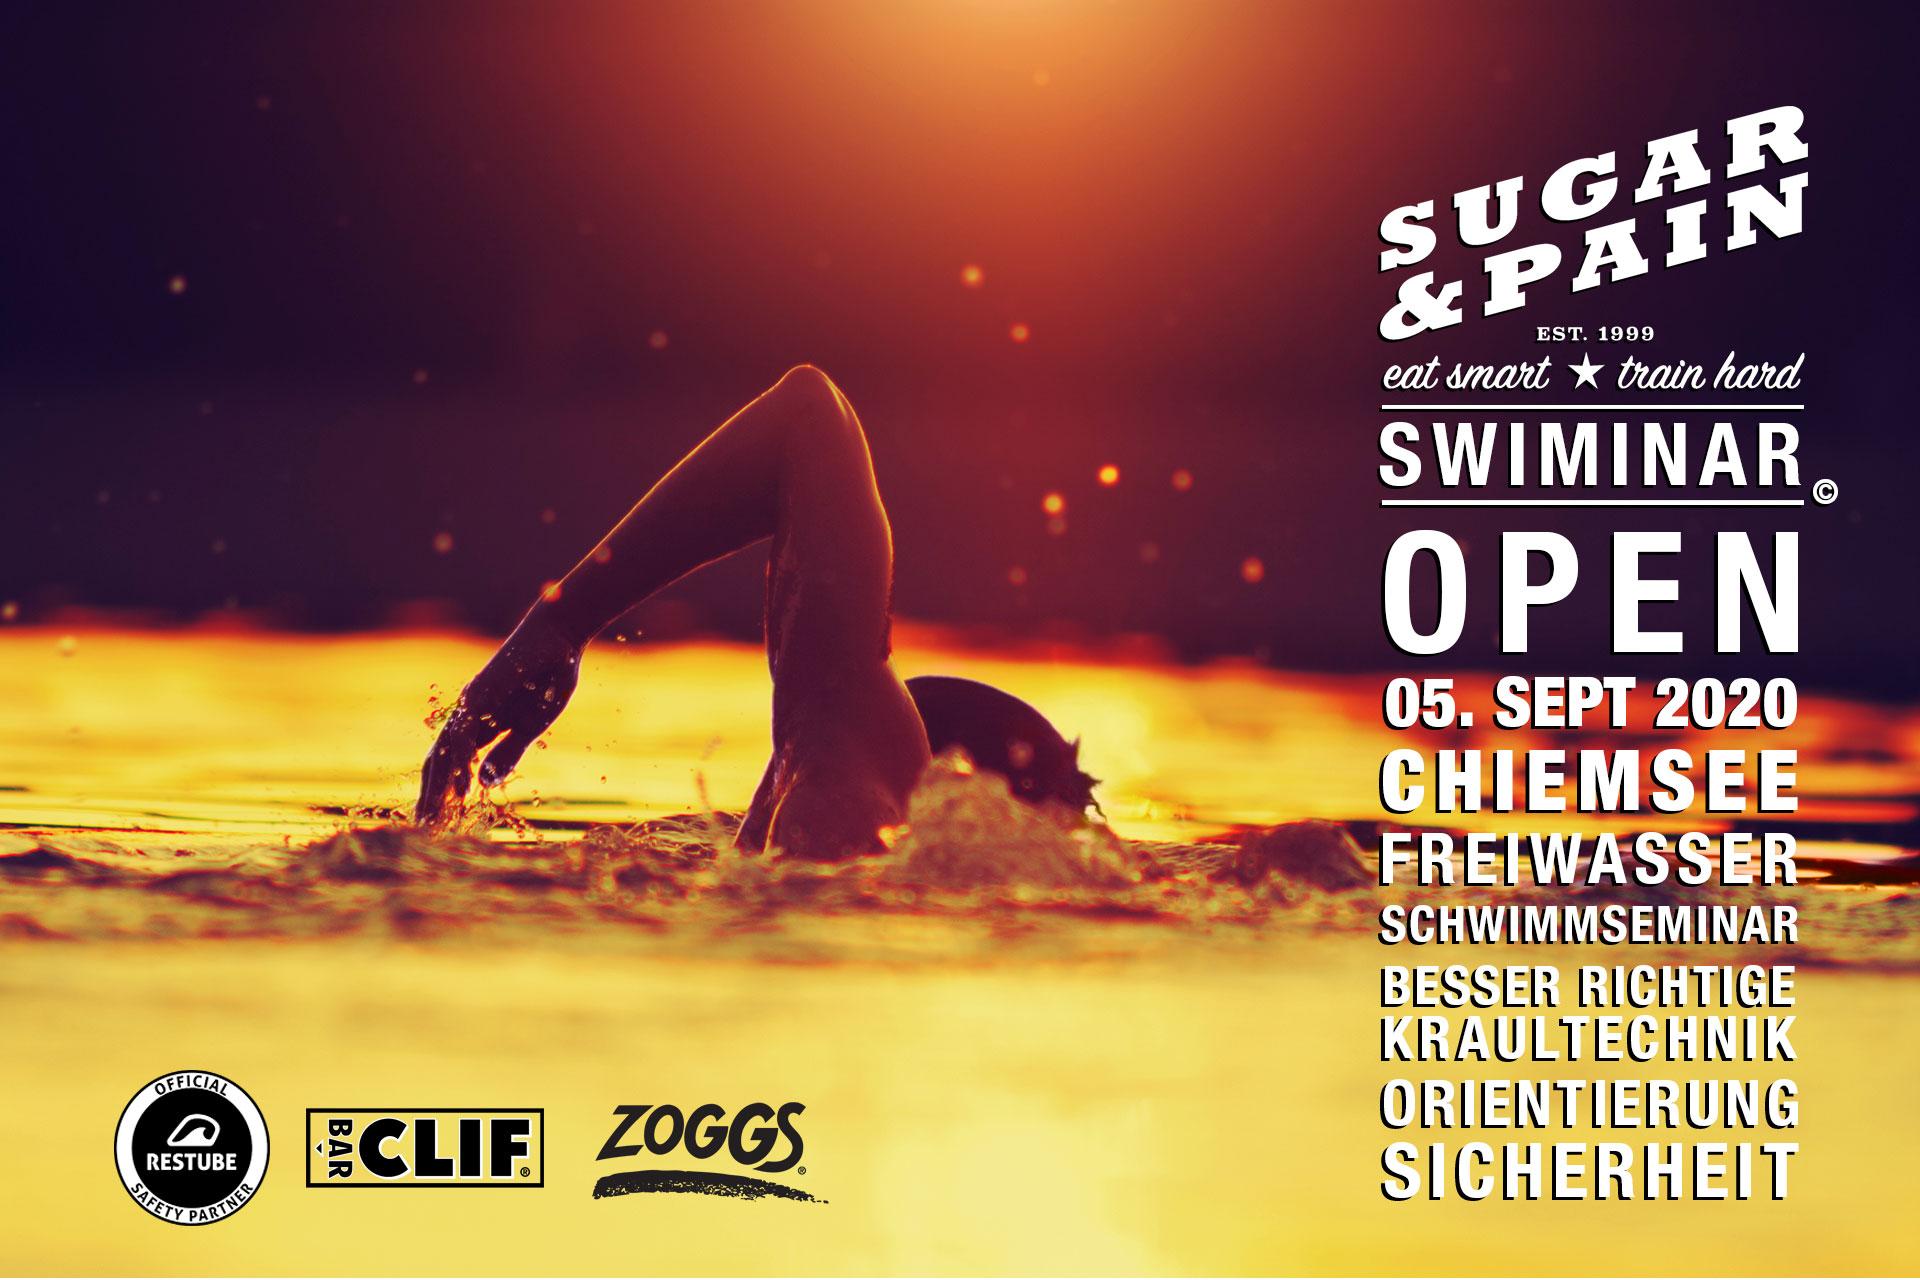 SWIMINAR #OPEN Chiemsee 03/20 Freiwasser Schwimmseminar Kraultechnik TITEL © SUGAR & PAIN / Adobe Stock